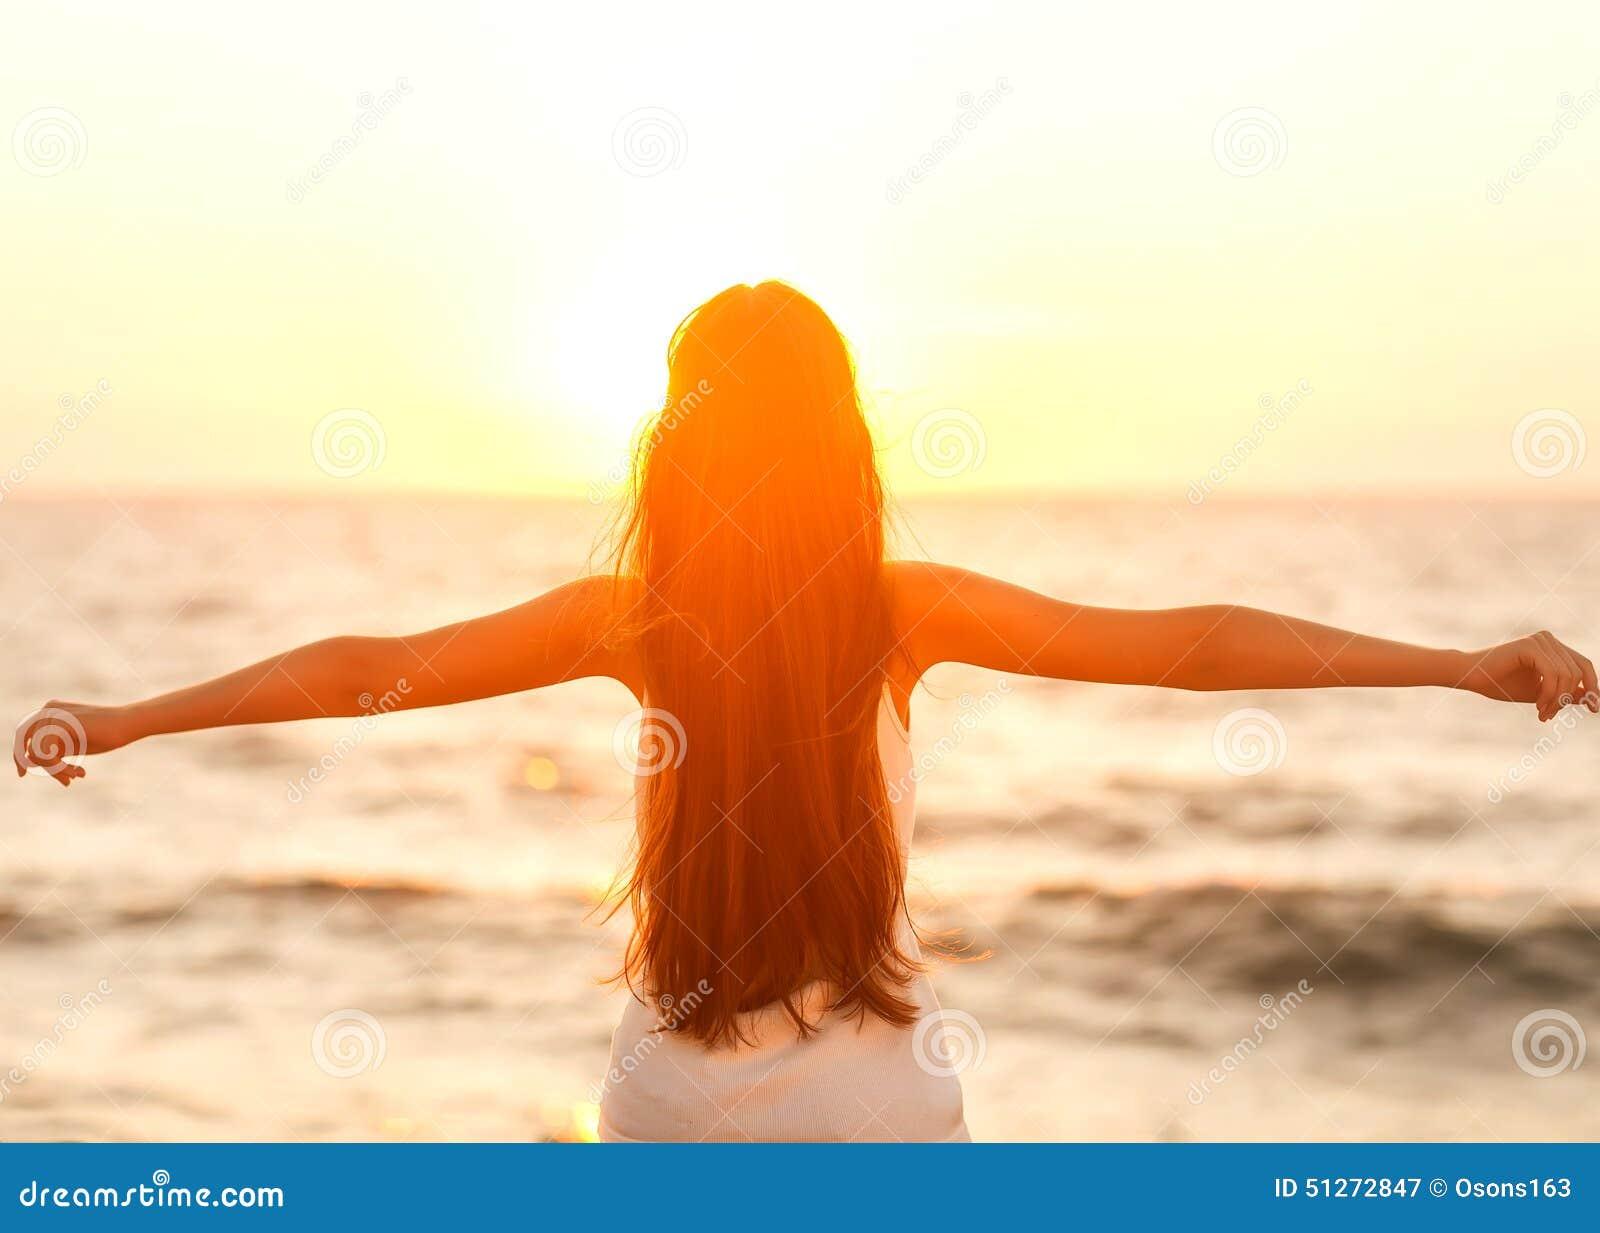 Свободная женщина наслаждаясь свободой чувствуя счастливый на пляже на заходе солнца E